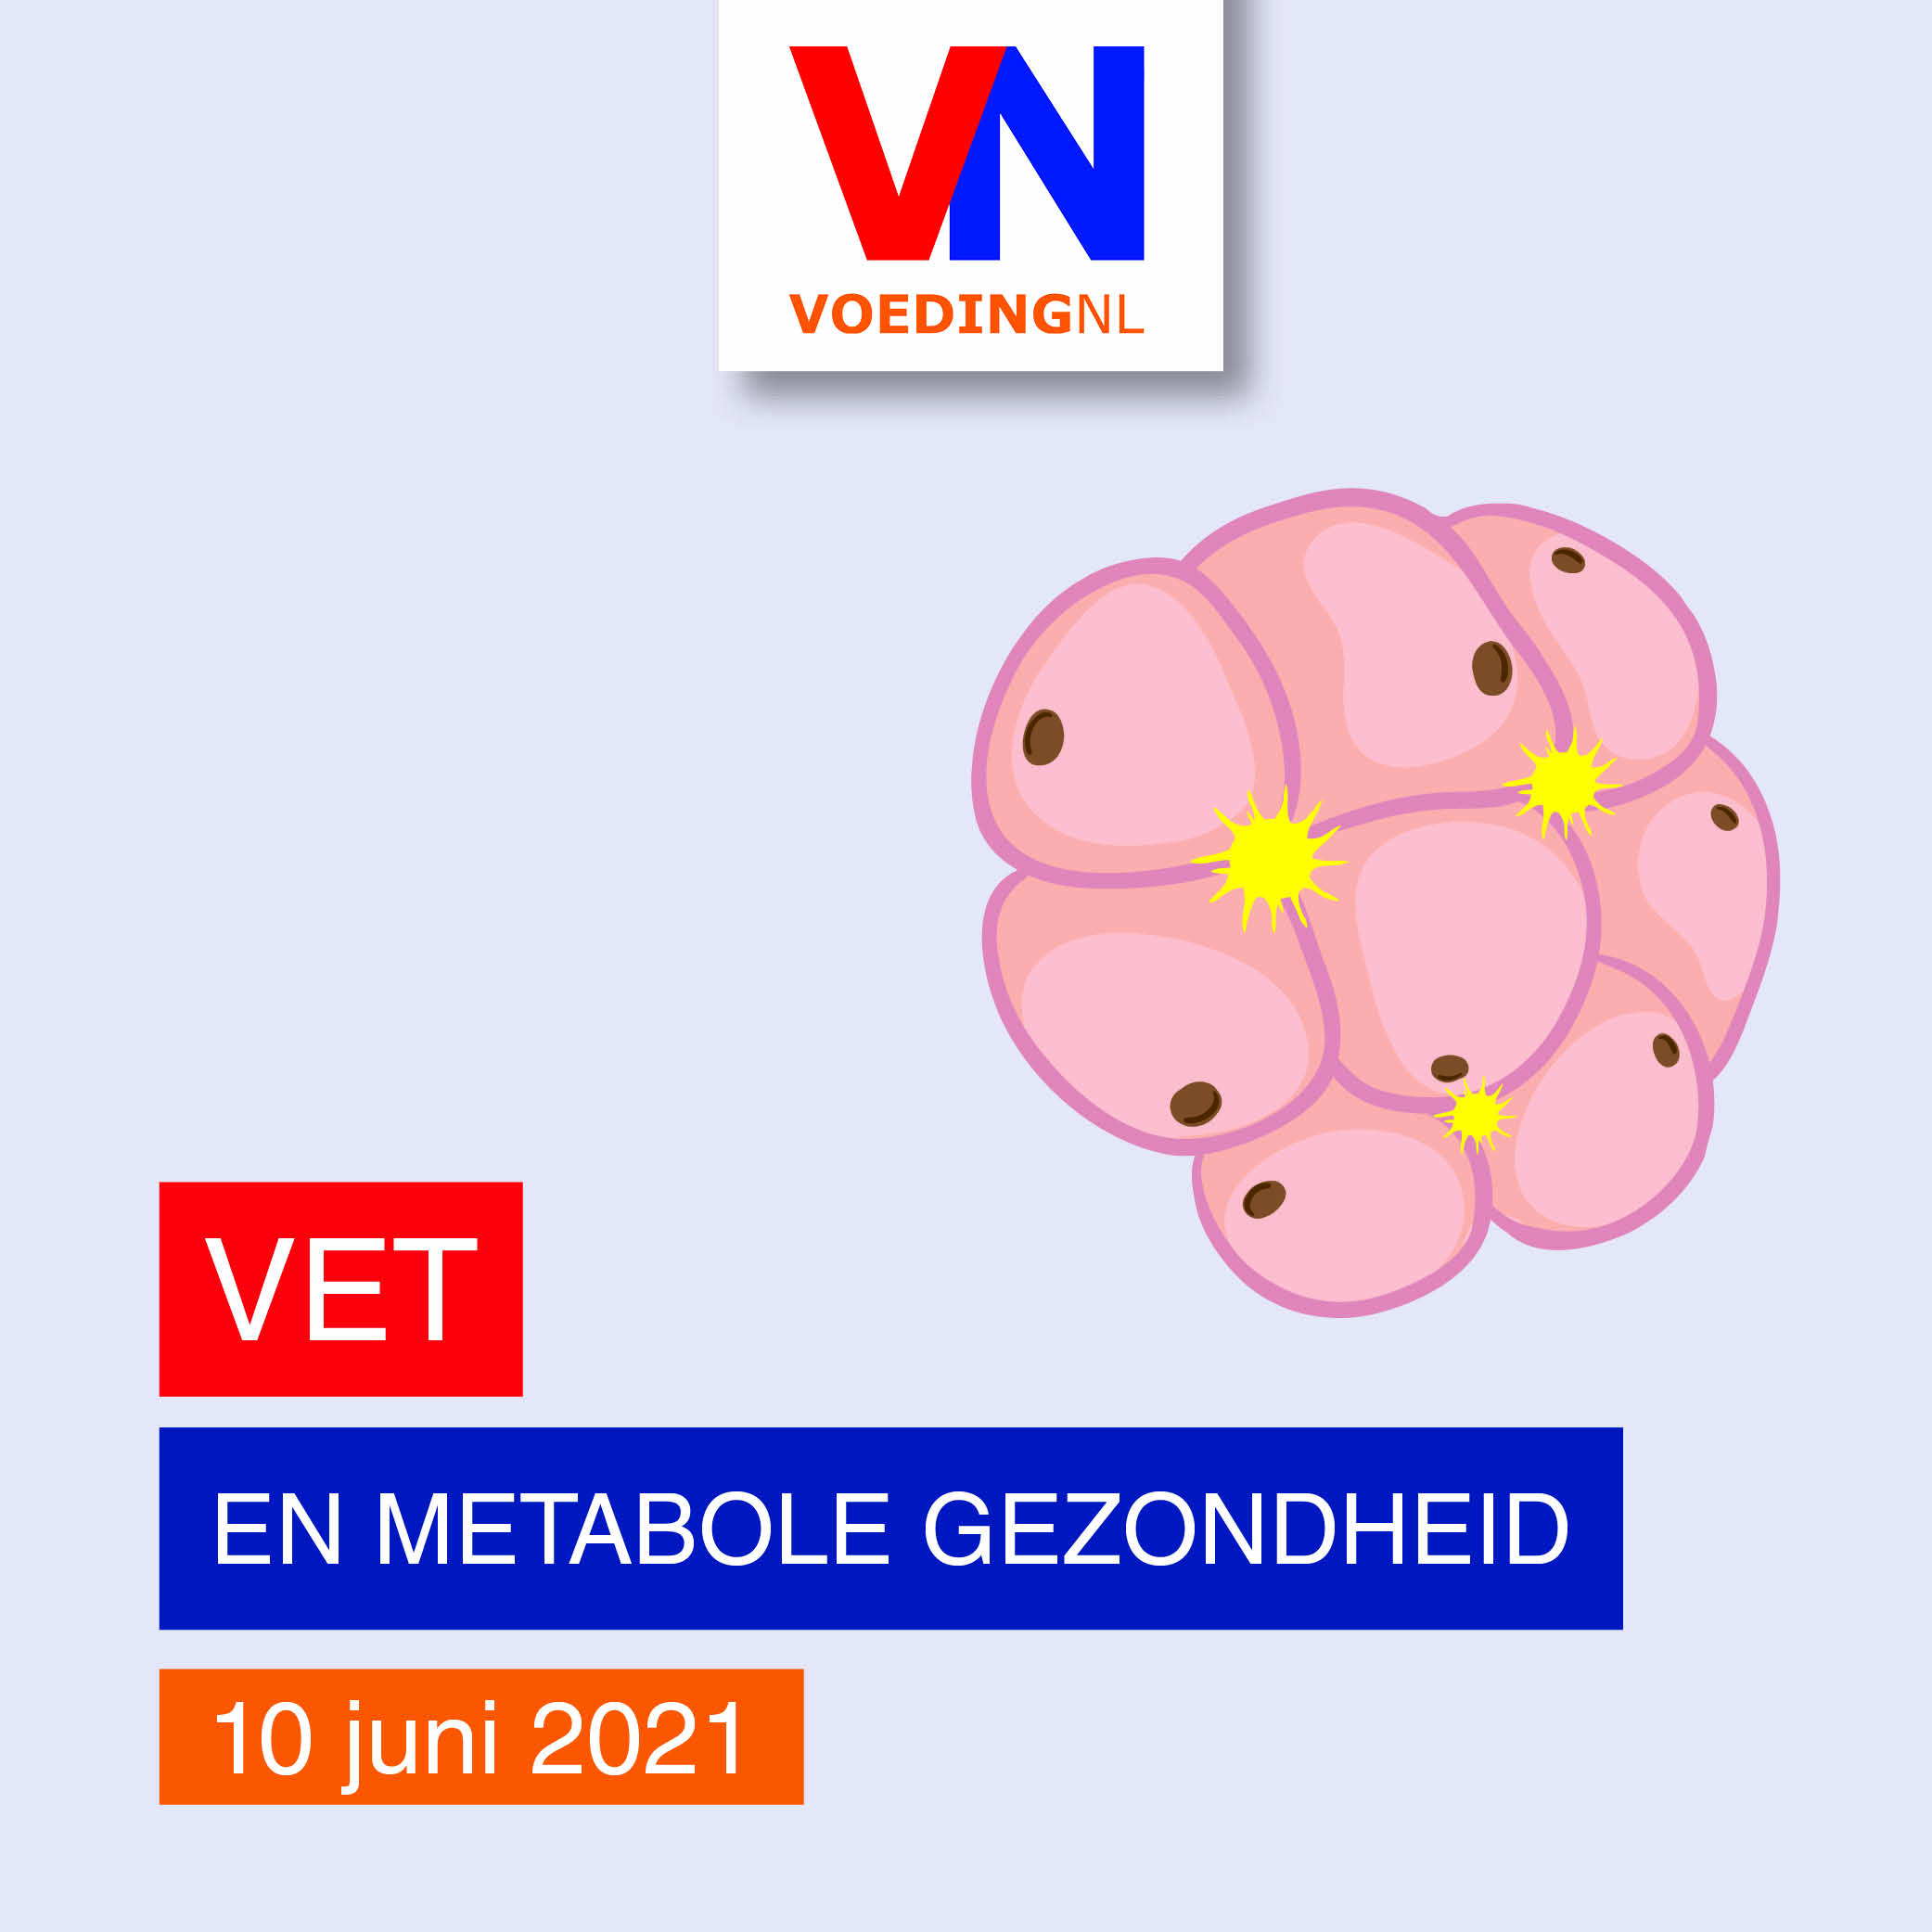 https://www.voedingnl.nl/